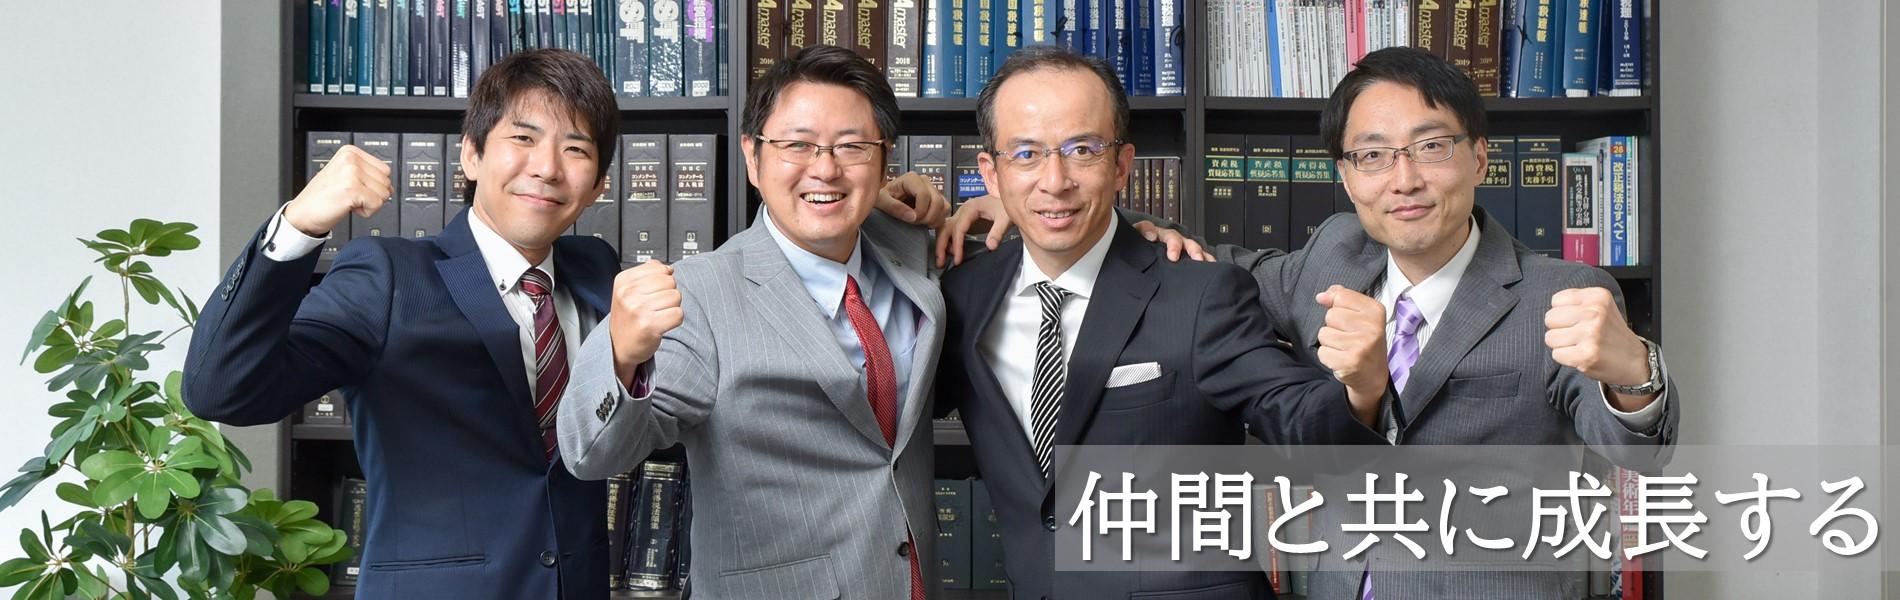 芦田合同会計事務所・アイ神戸・神戸相続サポートセンターの総合求人案内